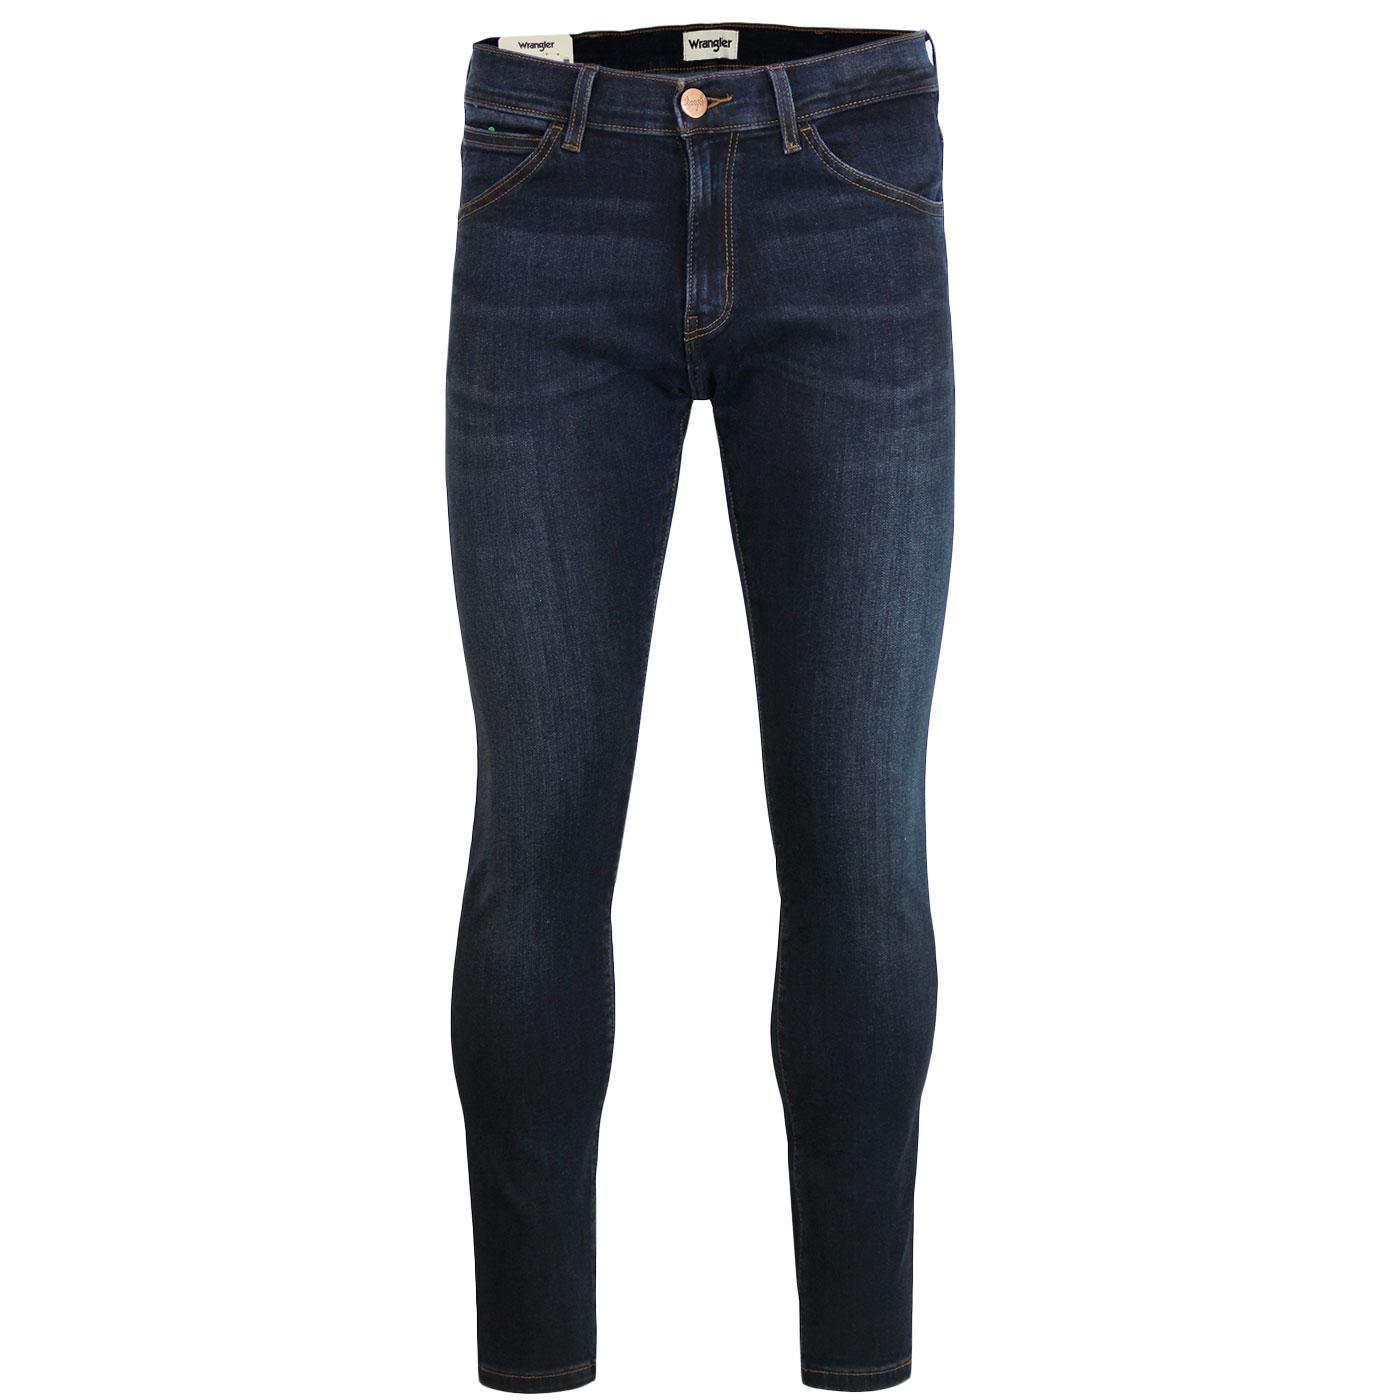 Bryson WRANGLER Retro Skinny Denim Jeans DUST BLUE